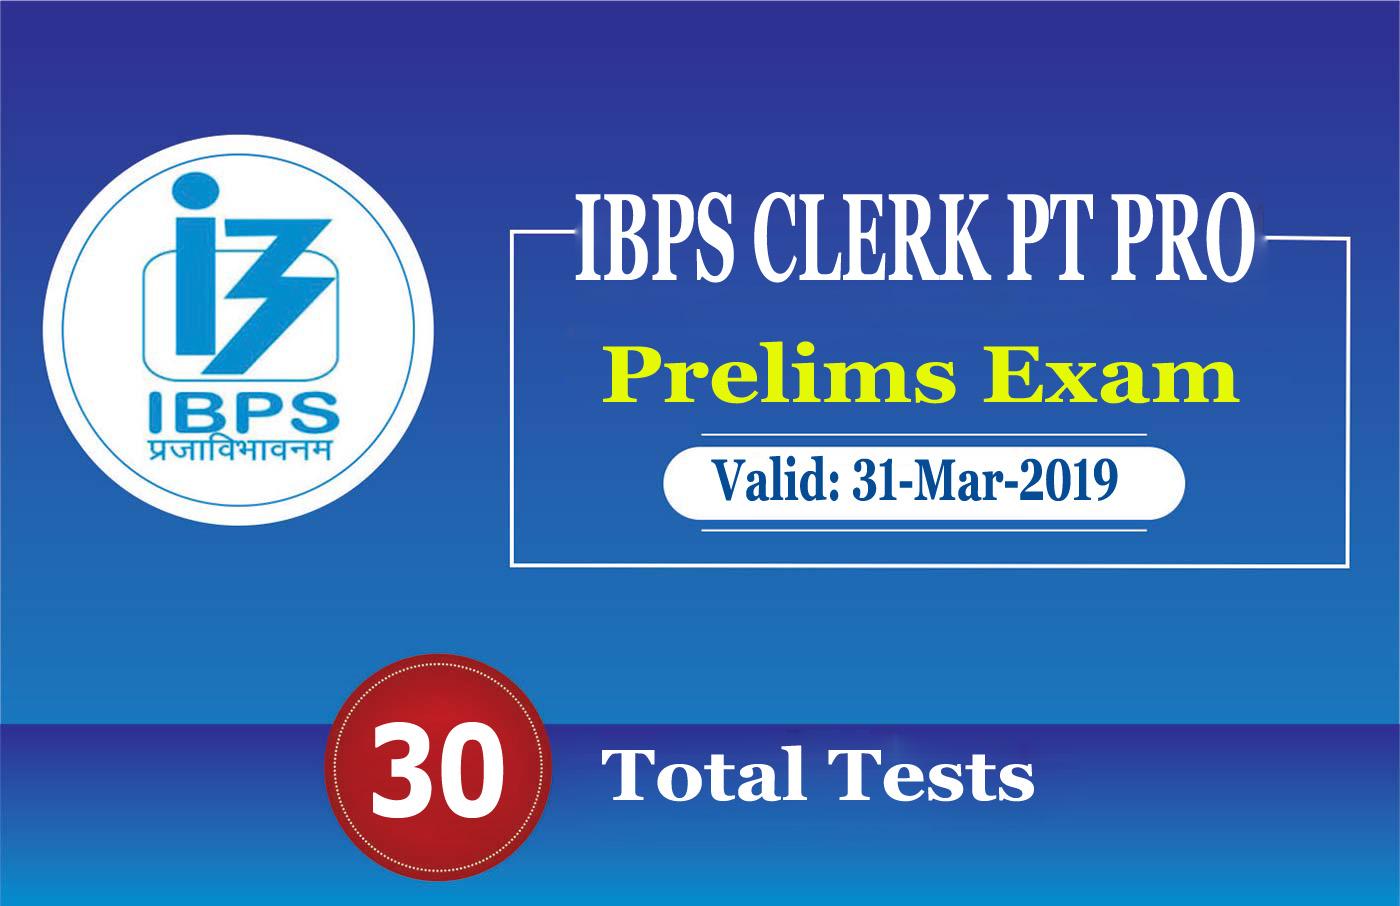 IBPS CLERK PT PRO